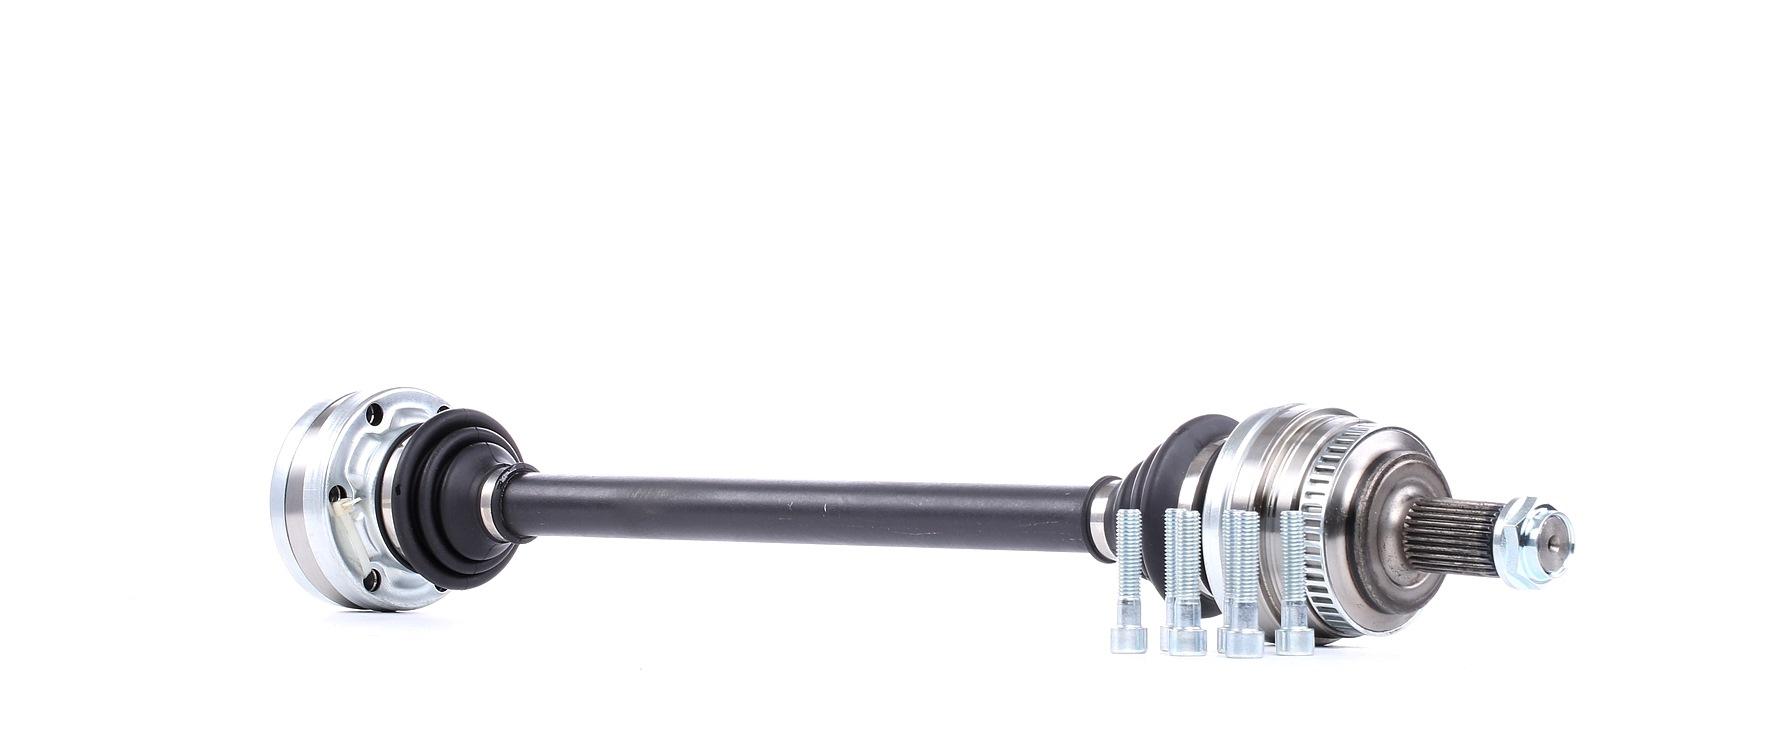 13D0154 RIDEX Länge: 668mm, Außenverz.Radseite: 27, Zähnez. ABS-Ring: 48 Antriebswelle 13D0154 günstig kaufen